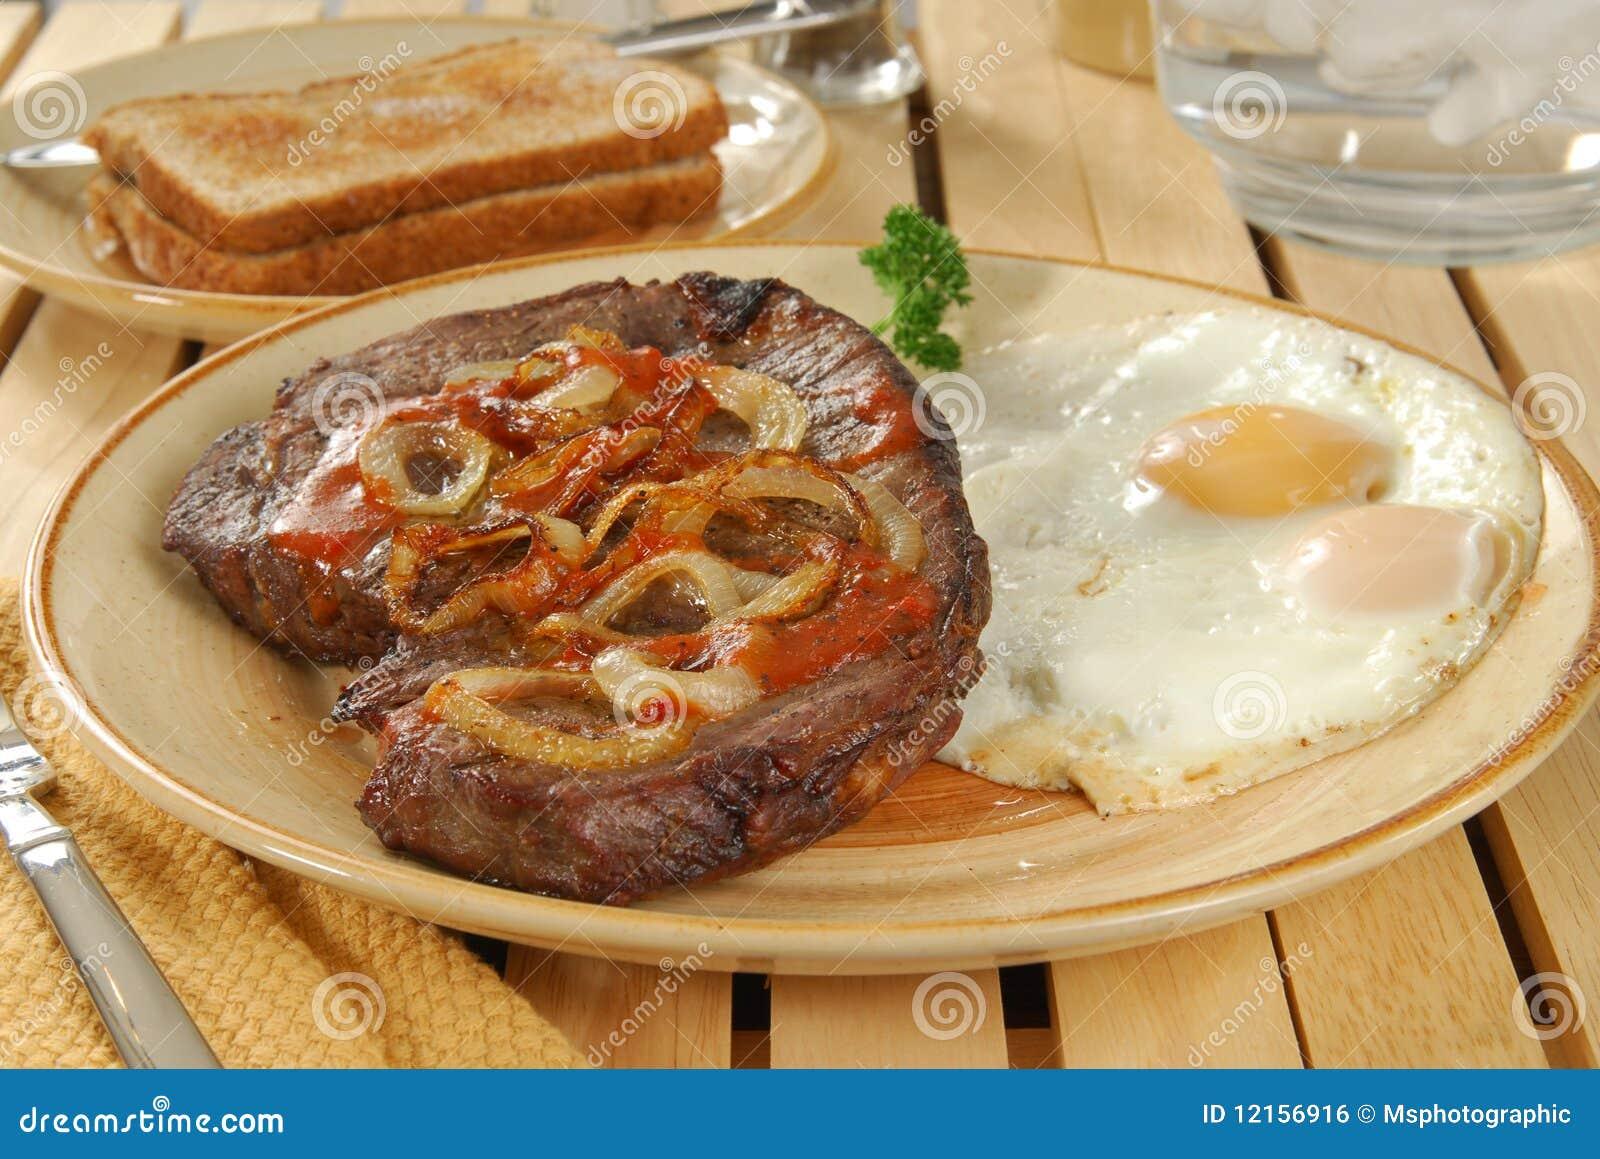 Lapje vlees en eieren